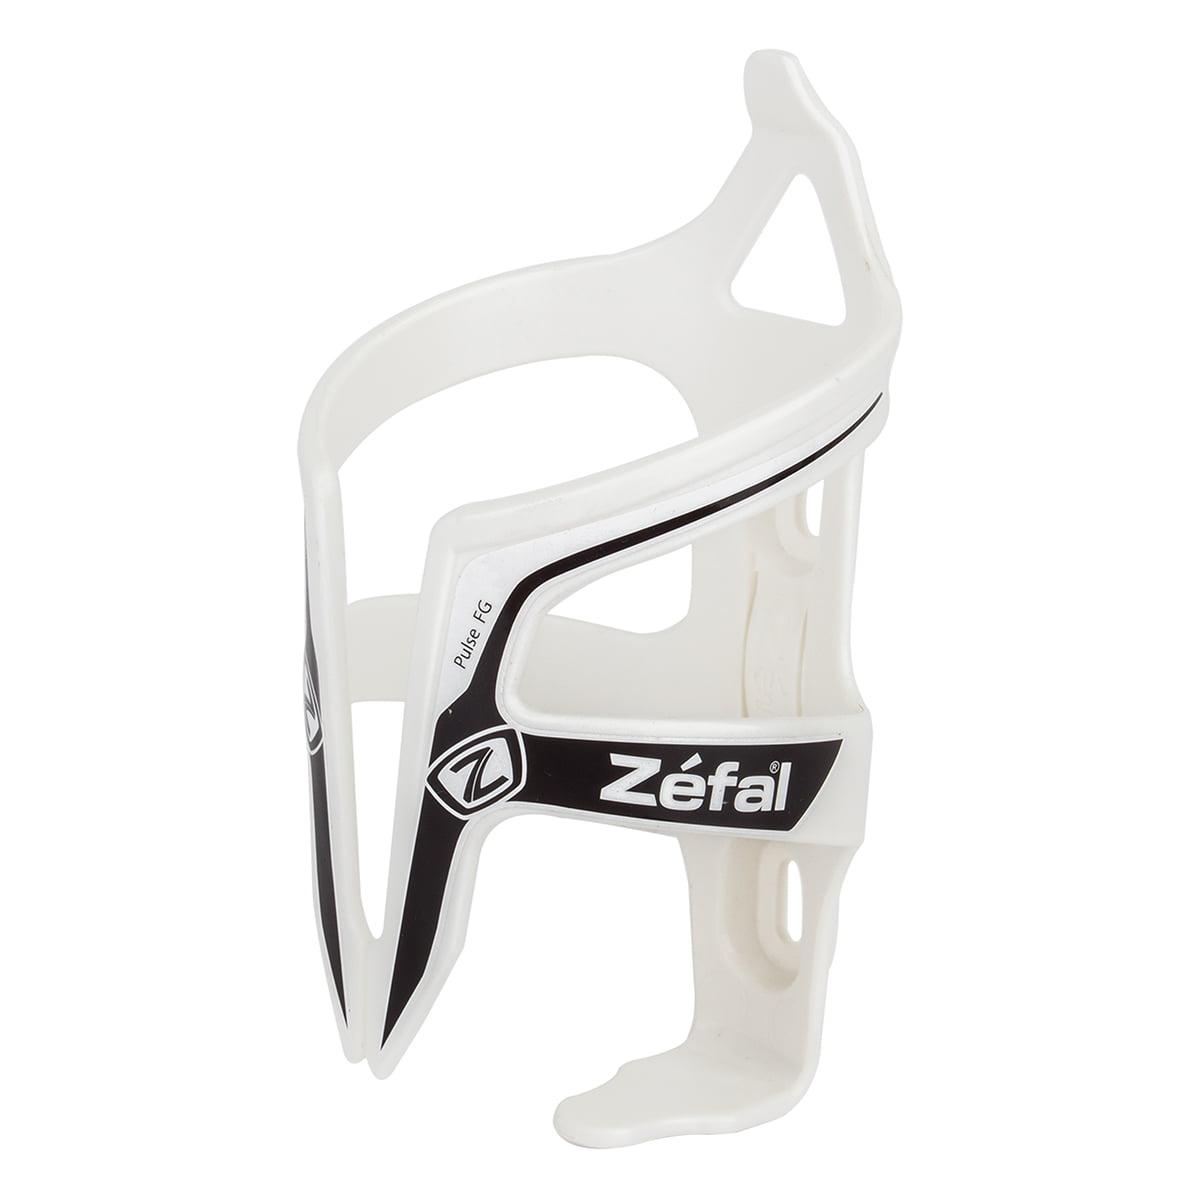 Zefal Water Bottle /& Pulse Fiber Glass Cage Black